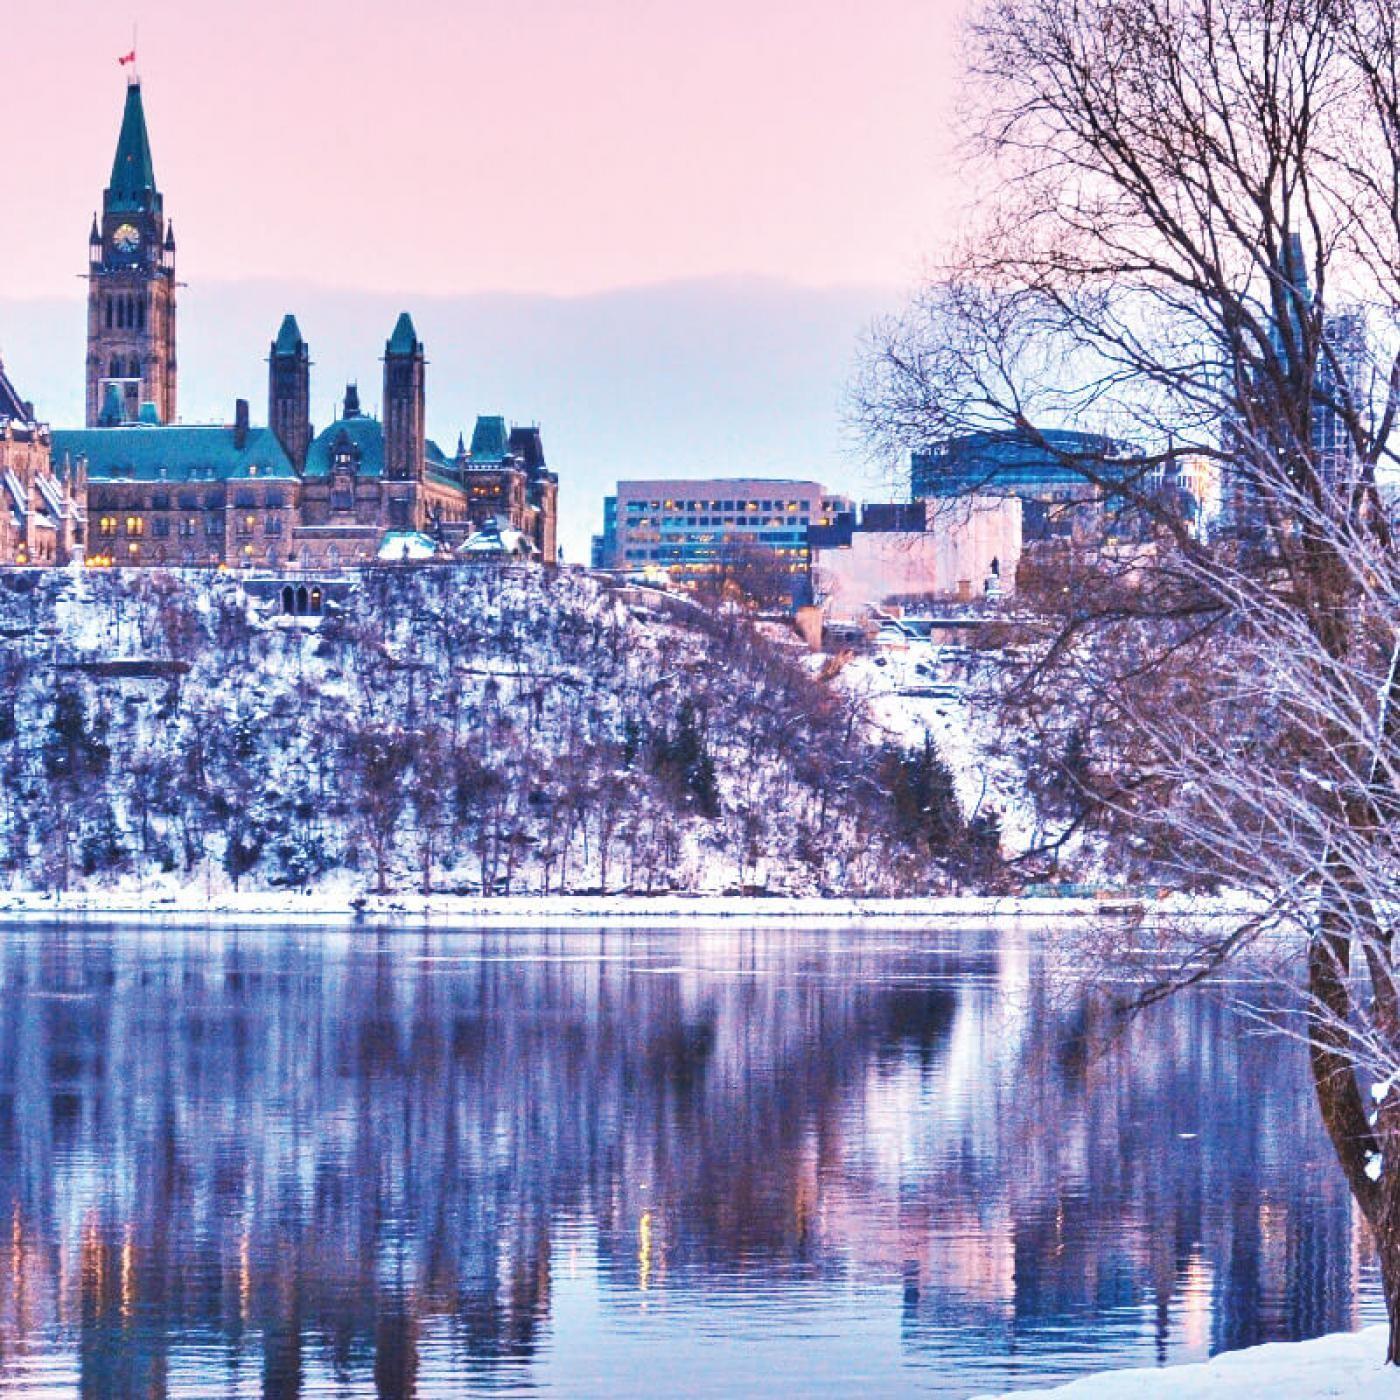 Marion a Ottawa - Canada - 25 11 2020 - StereoChic Radio